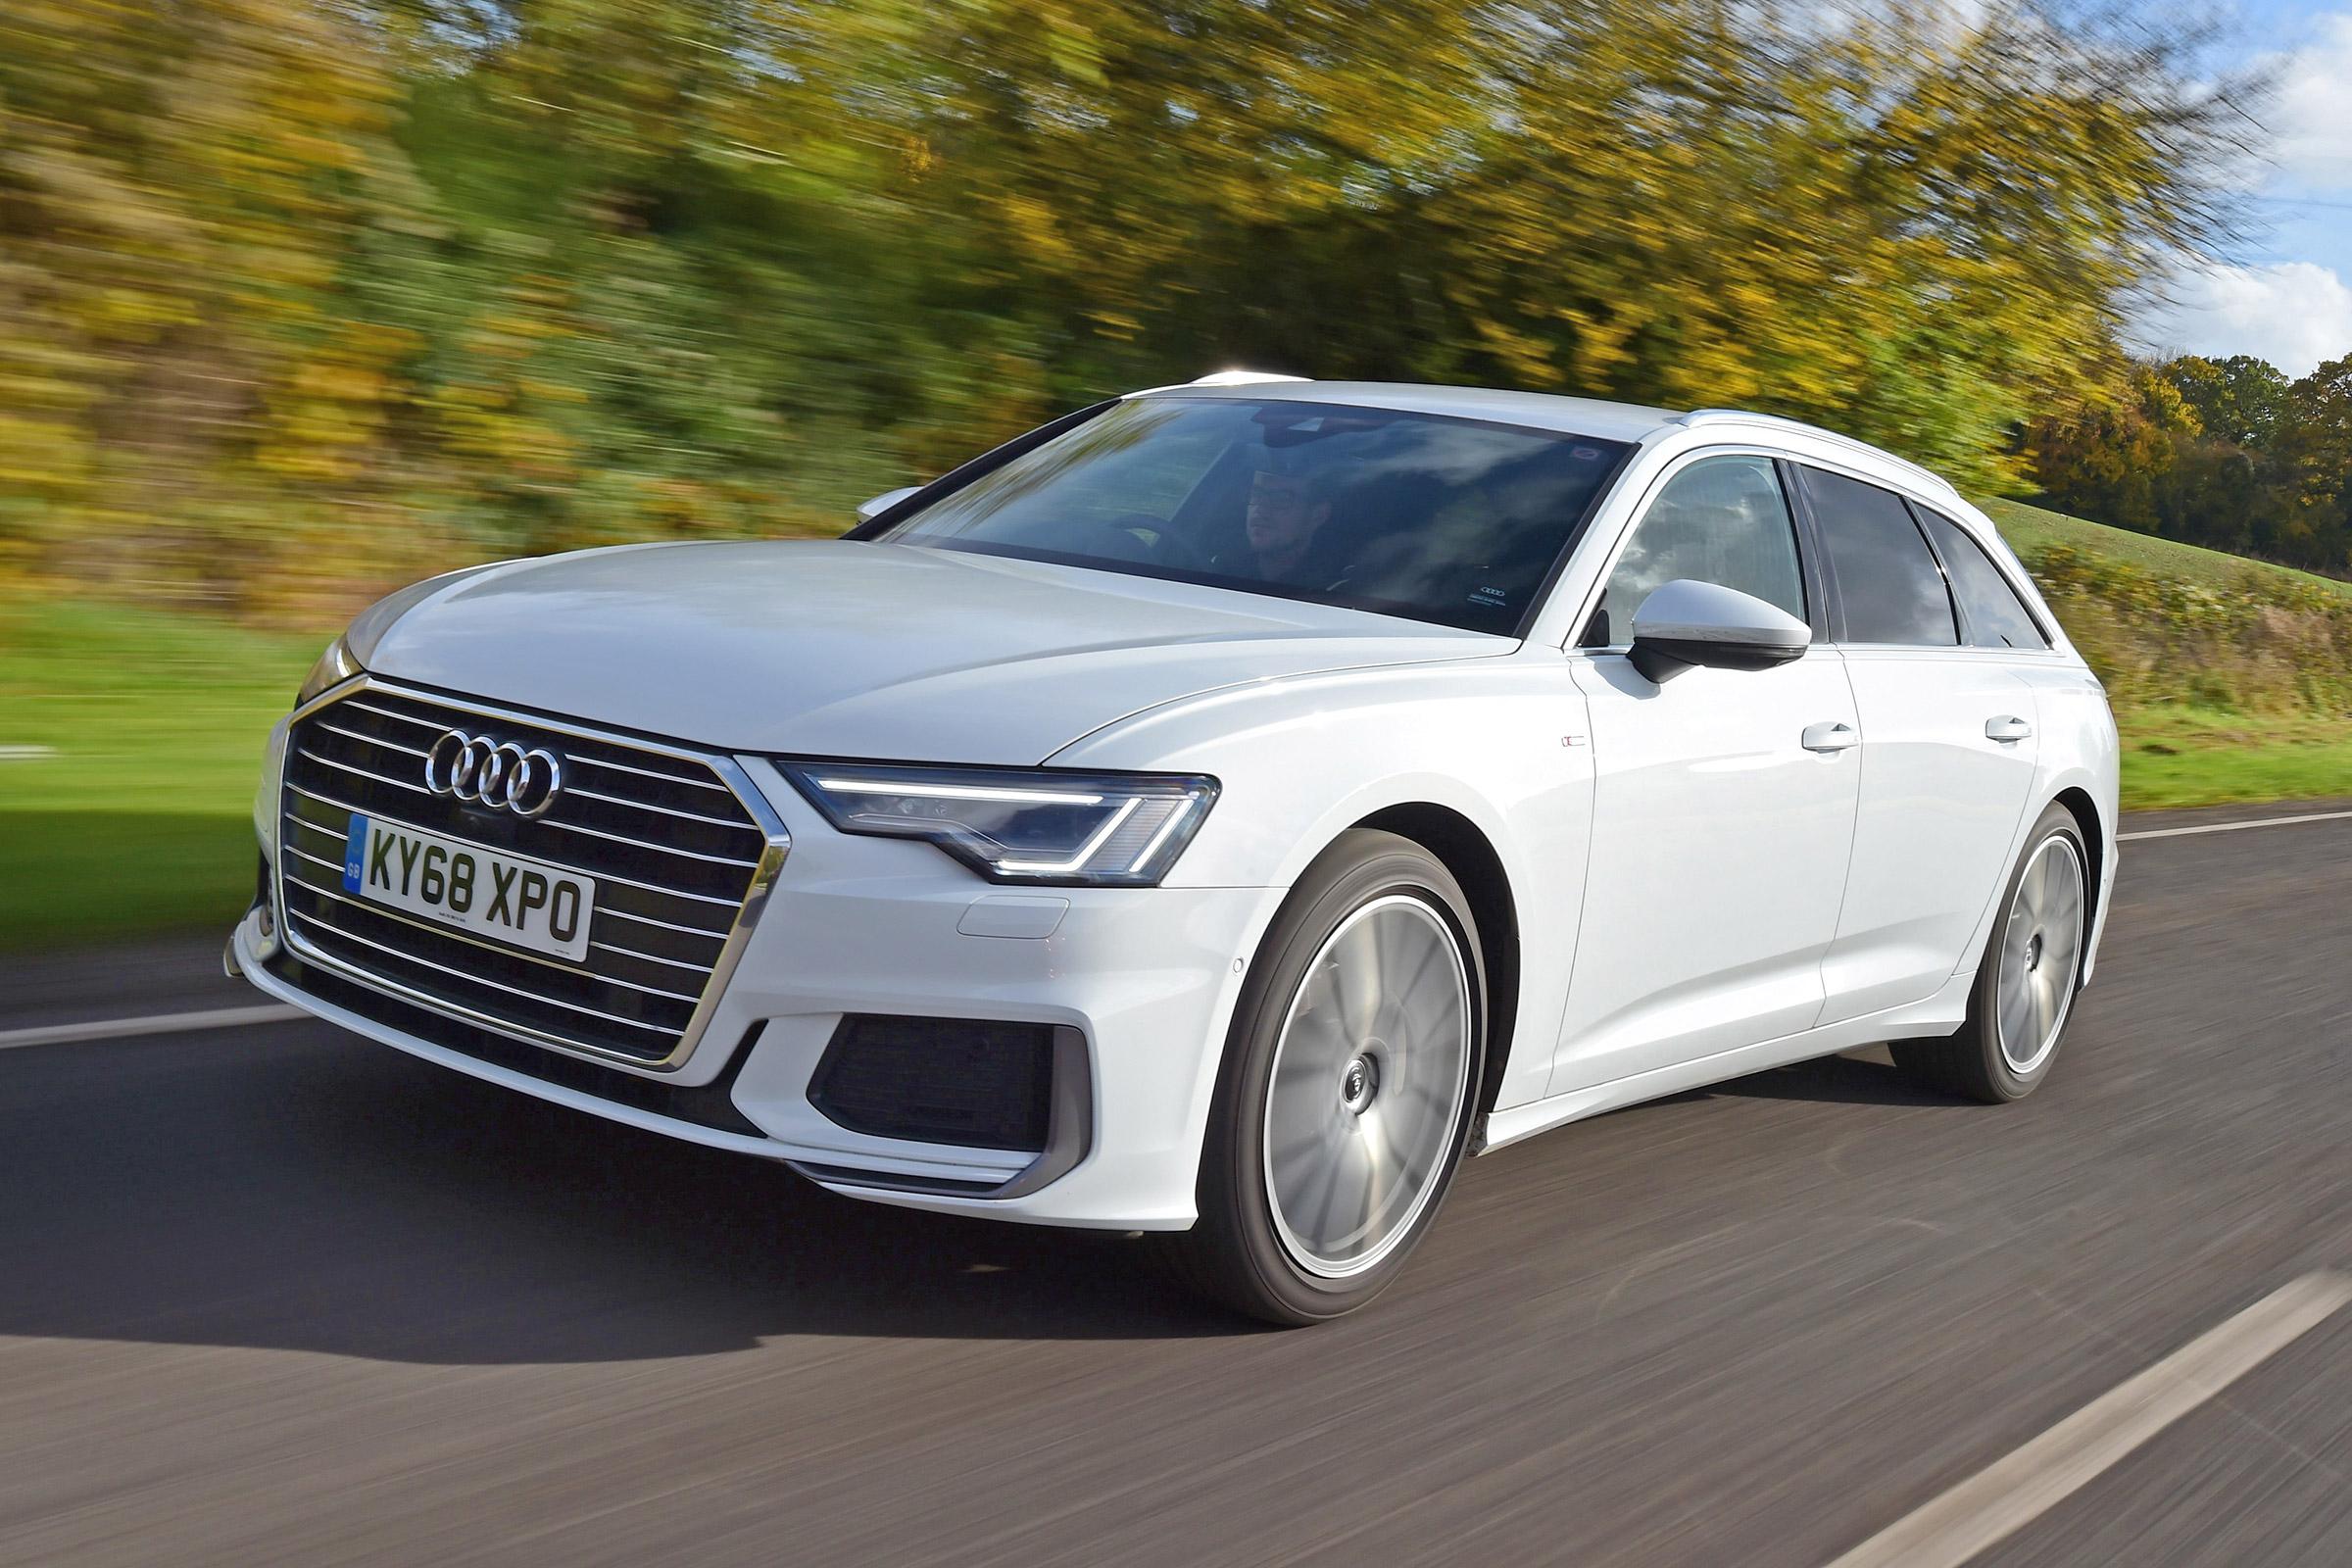 Kelebihan Kekurangan Audi A6 Avant 2016 Review